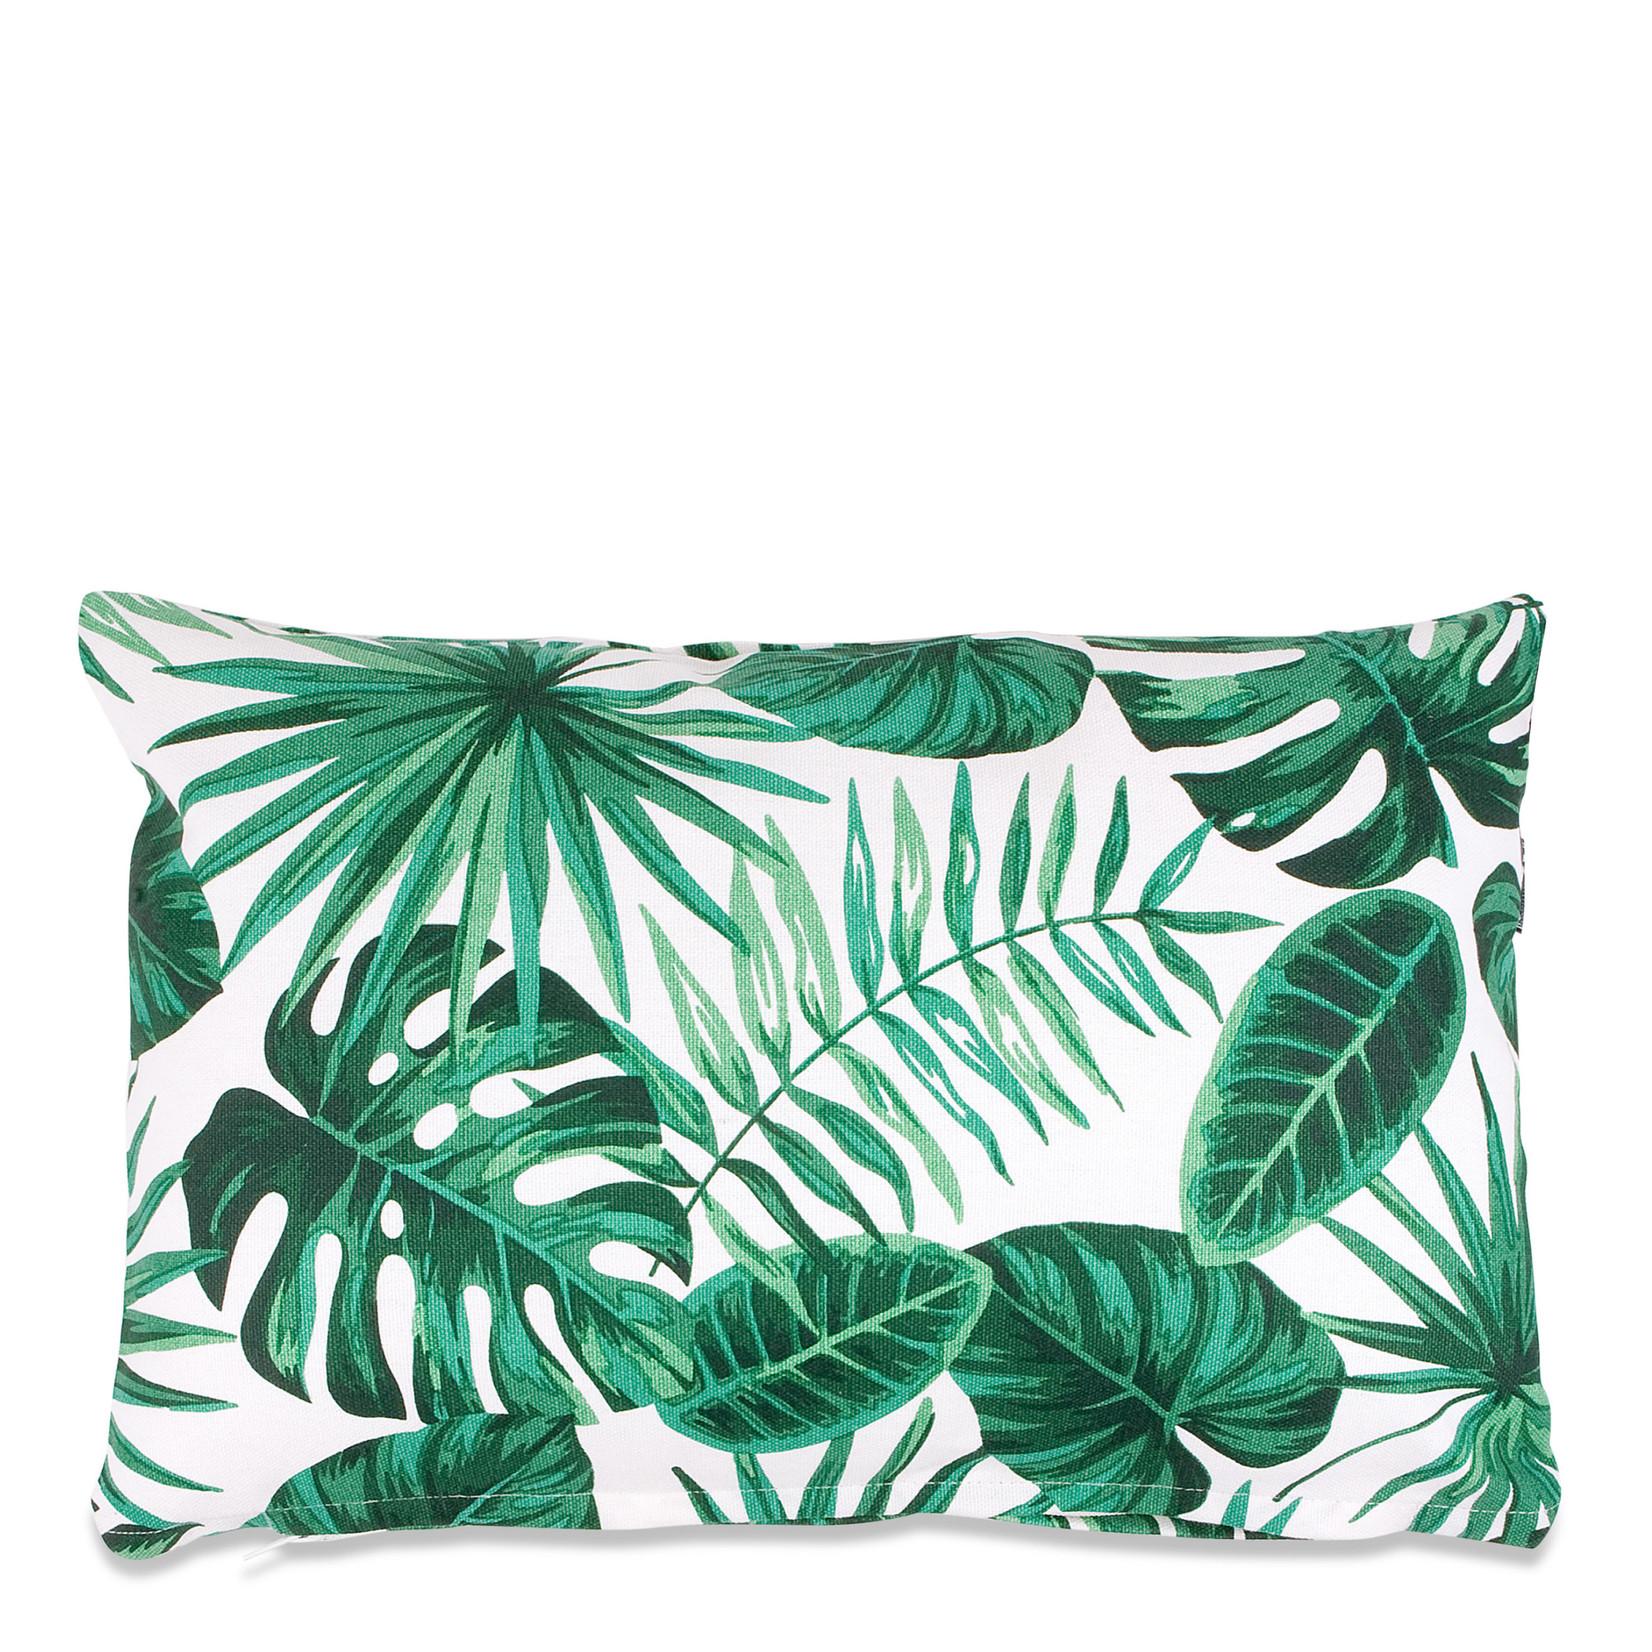 MiCa Leafy kussen groen